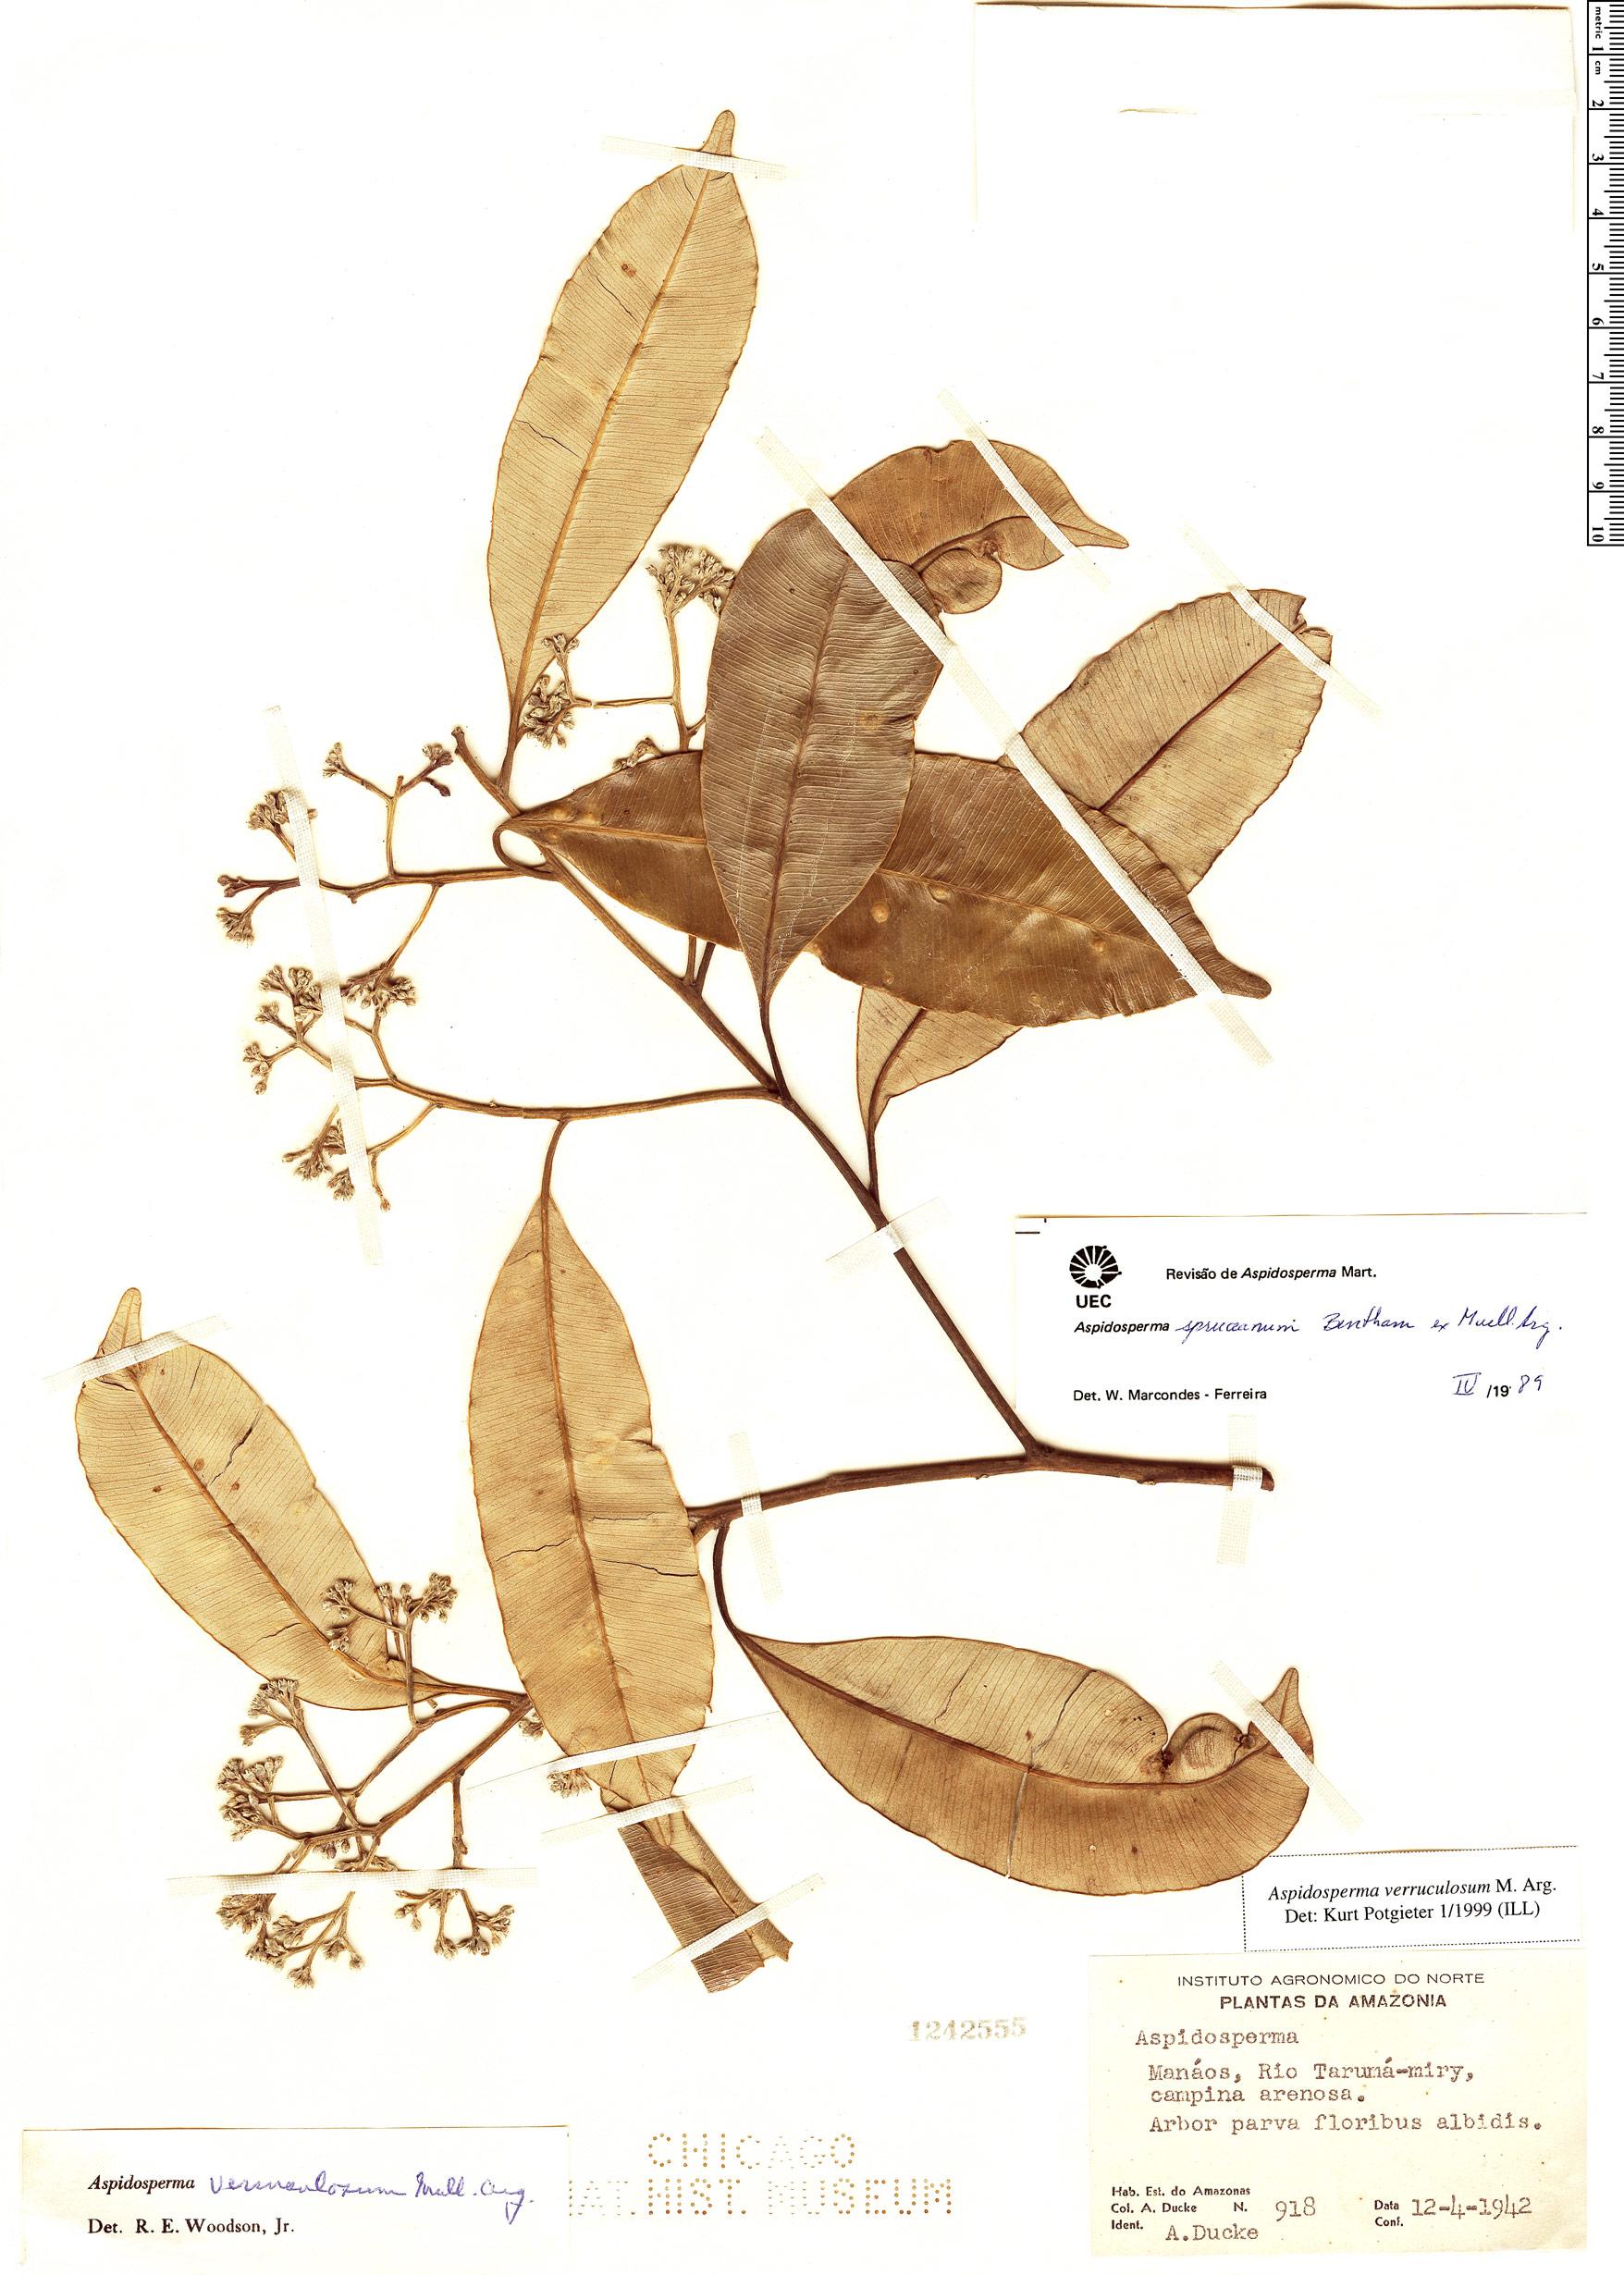 Specimen: Aspidosperma verruculosum